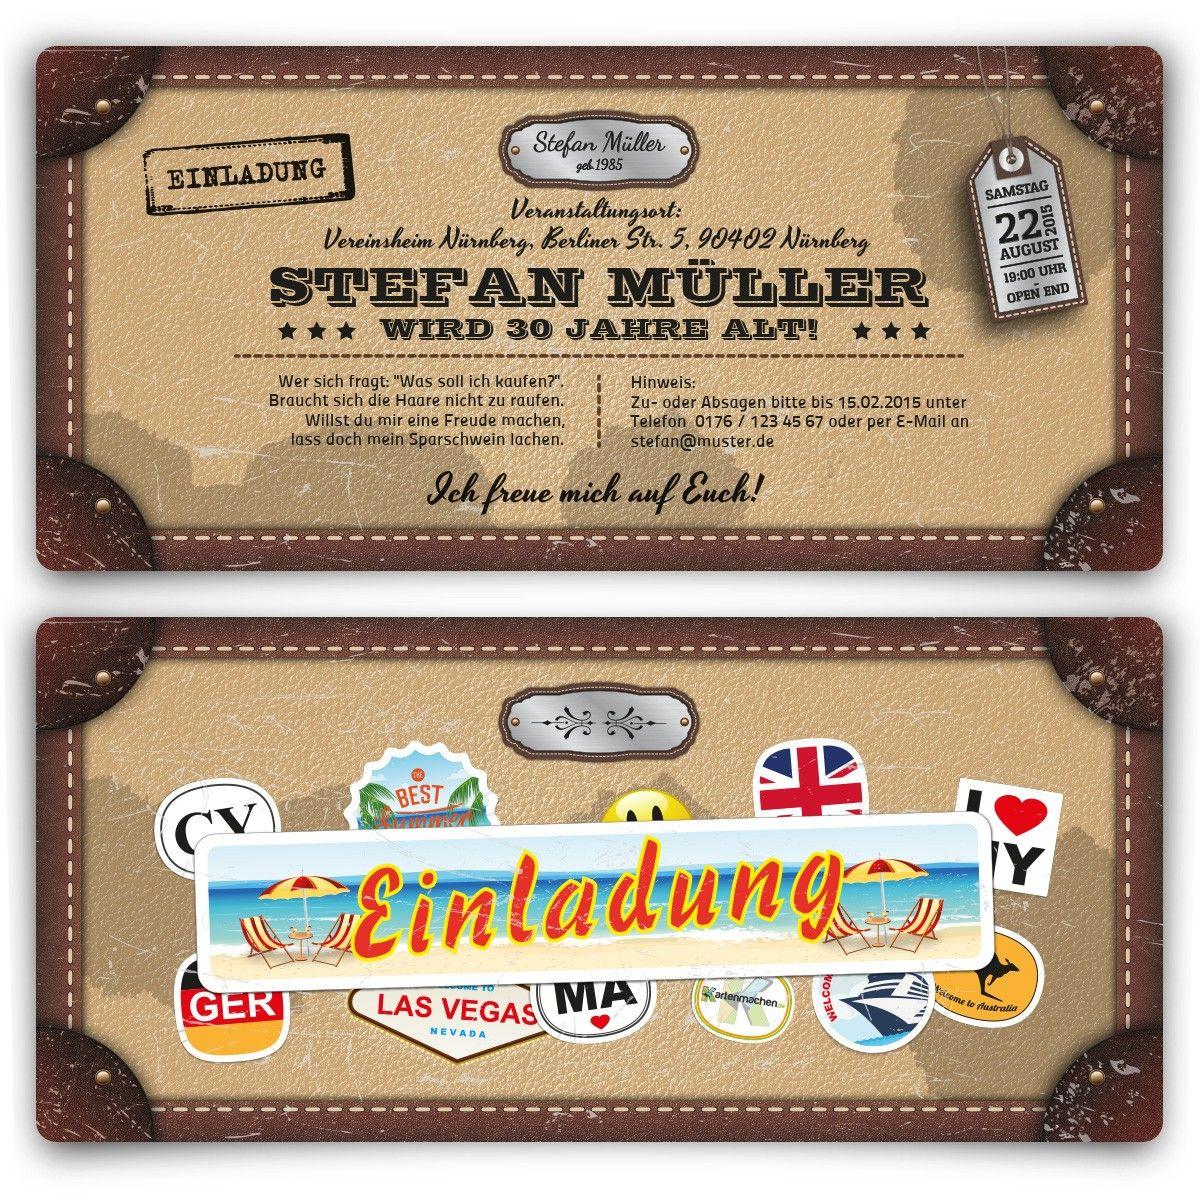 Einladungskarten Als Reisekoffer Geburtstag Einladung Geburtstagseinladung Birthday Invitation Reise Einladungen Einladungskarten Online Einladungskarten